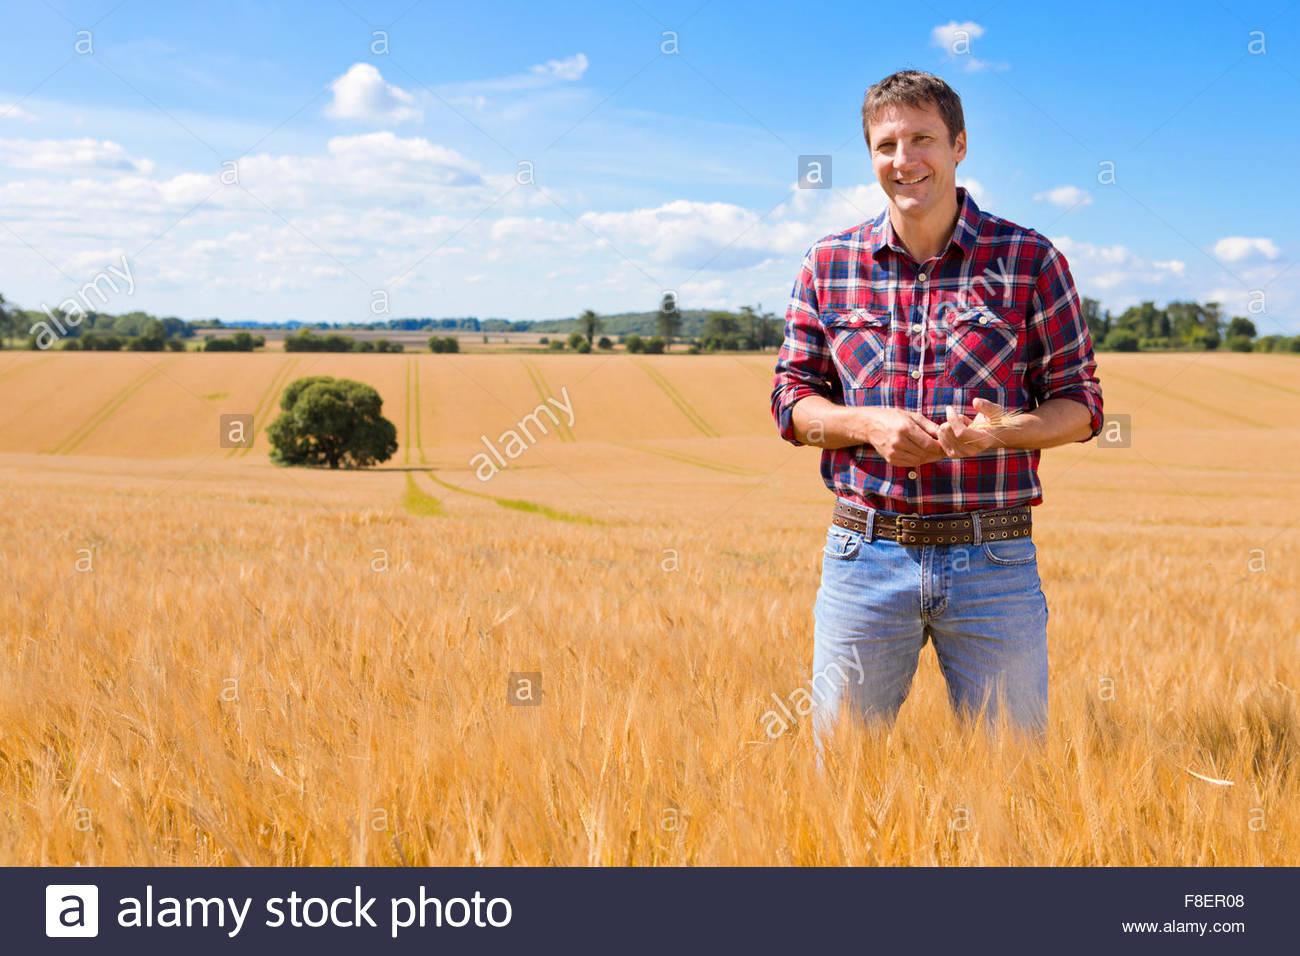 Retrato seguro campesino rural en un soleado día de campo de cultivos de cebada en verano Imagen De Stock